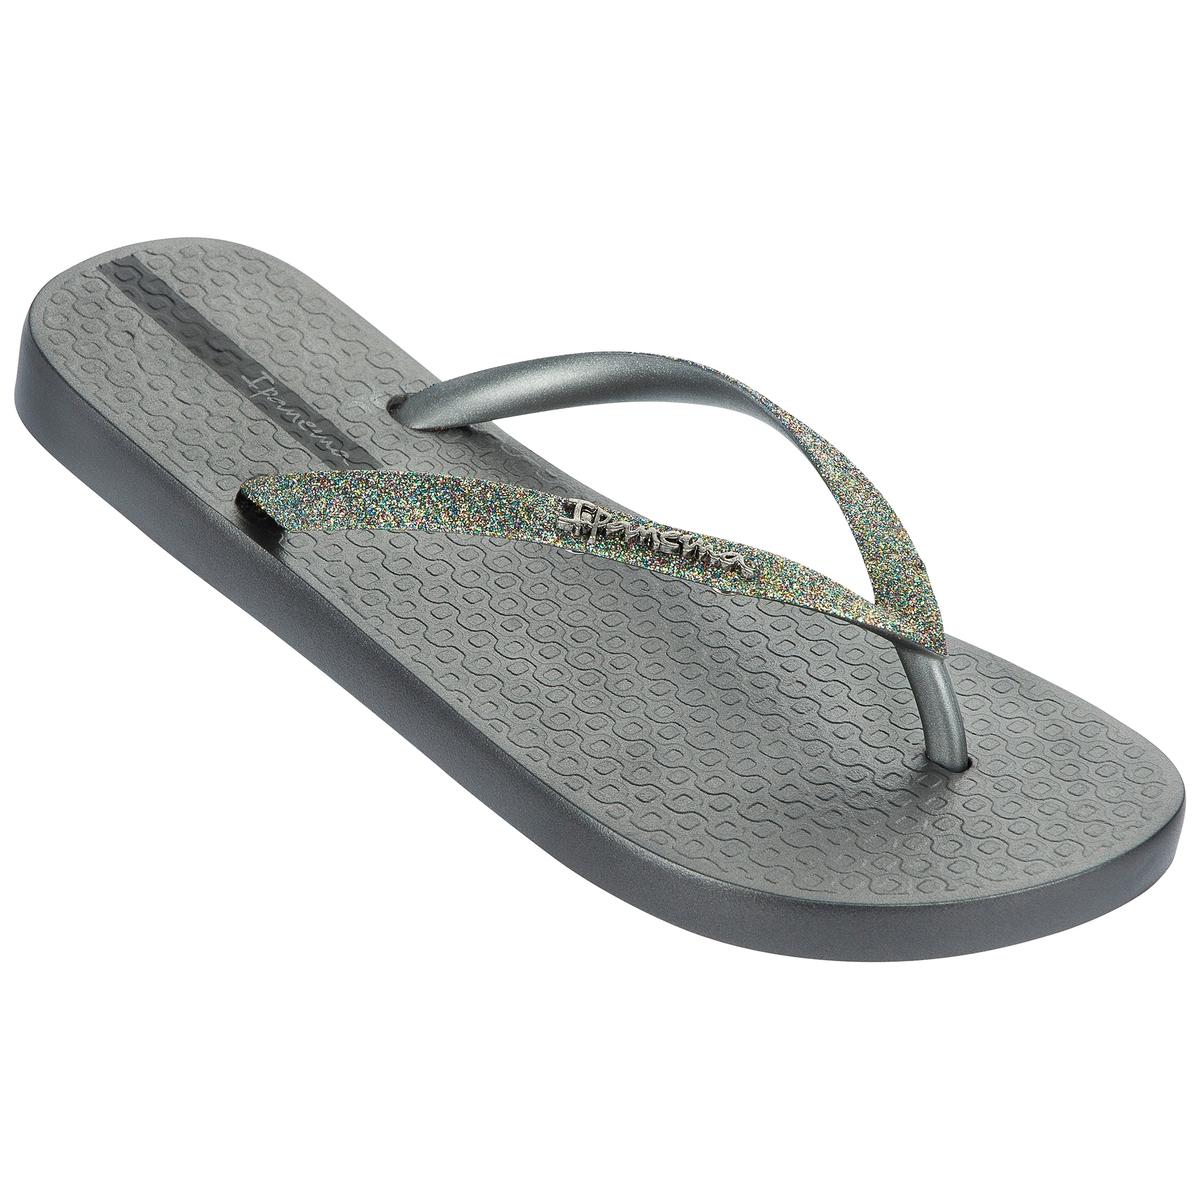 Вьетнамки Lolita IIIВерх: каучук  Подошва: каучук Форма каблука: плоская Мысок: закругленный Застежка: без застежки<br><br>Цвет: серебристый